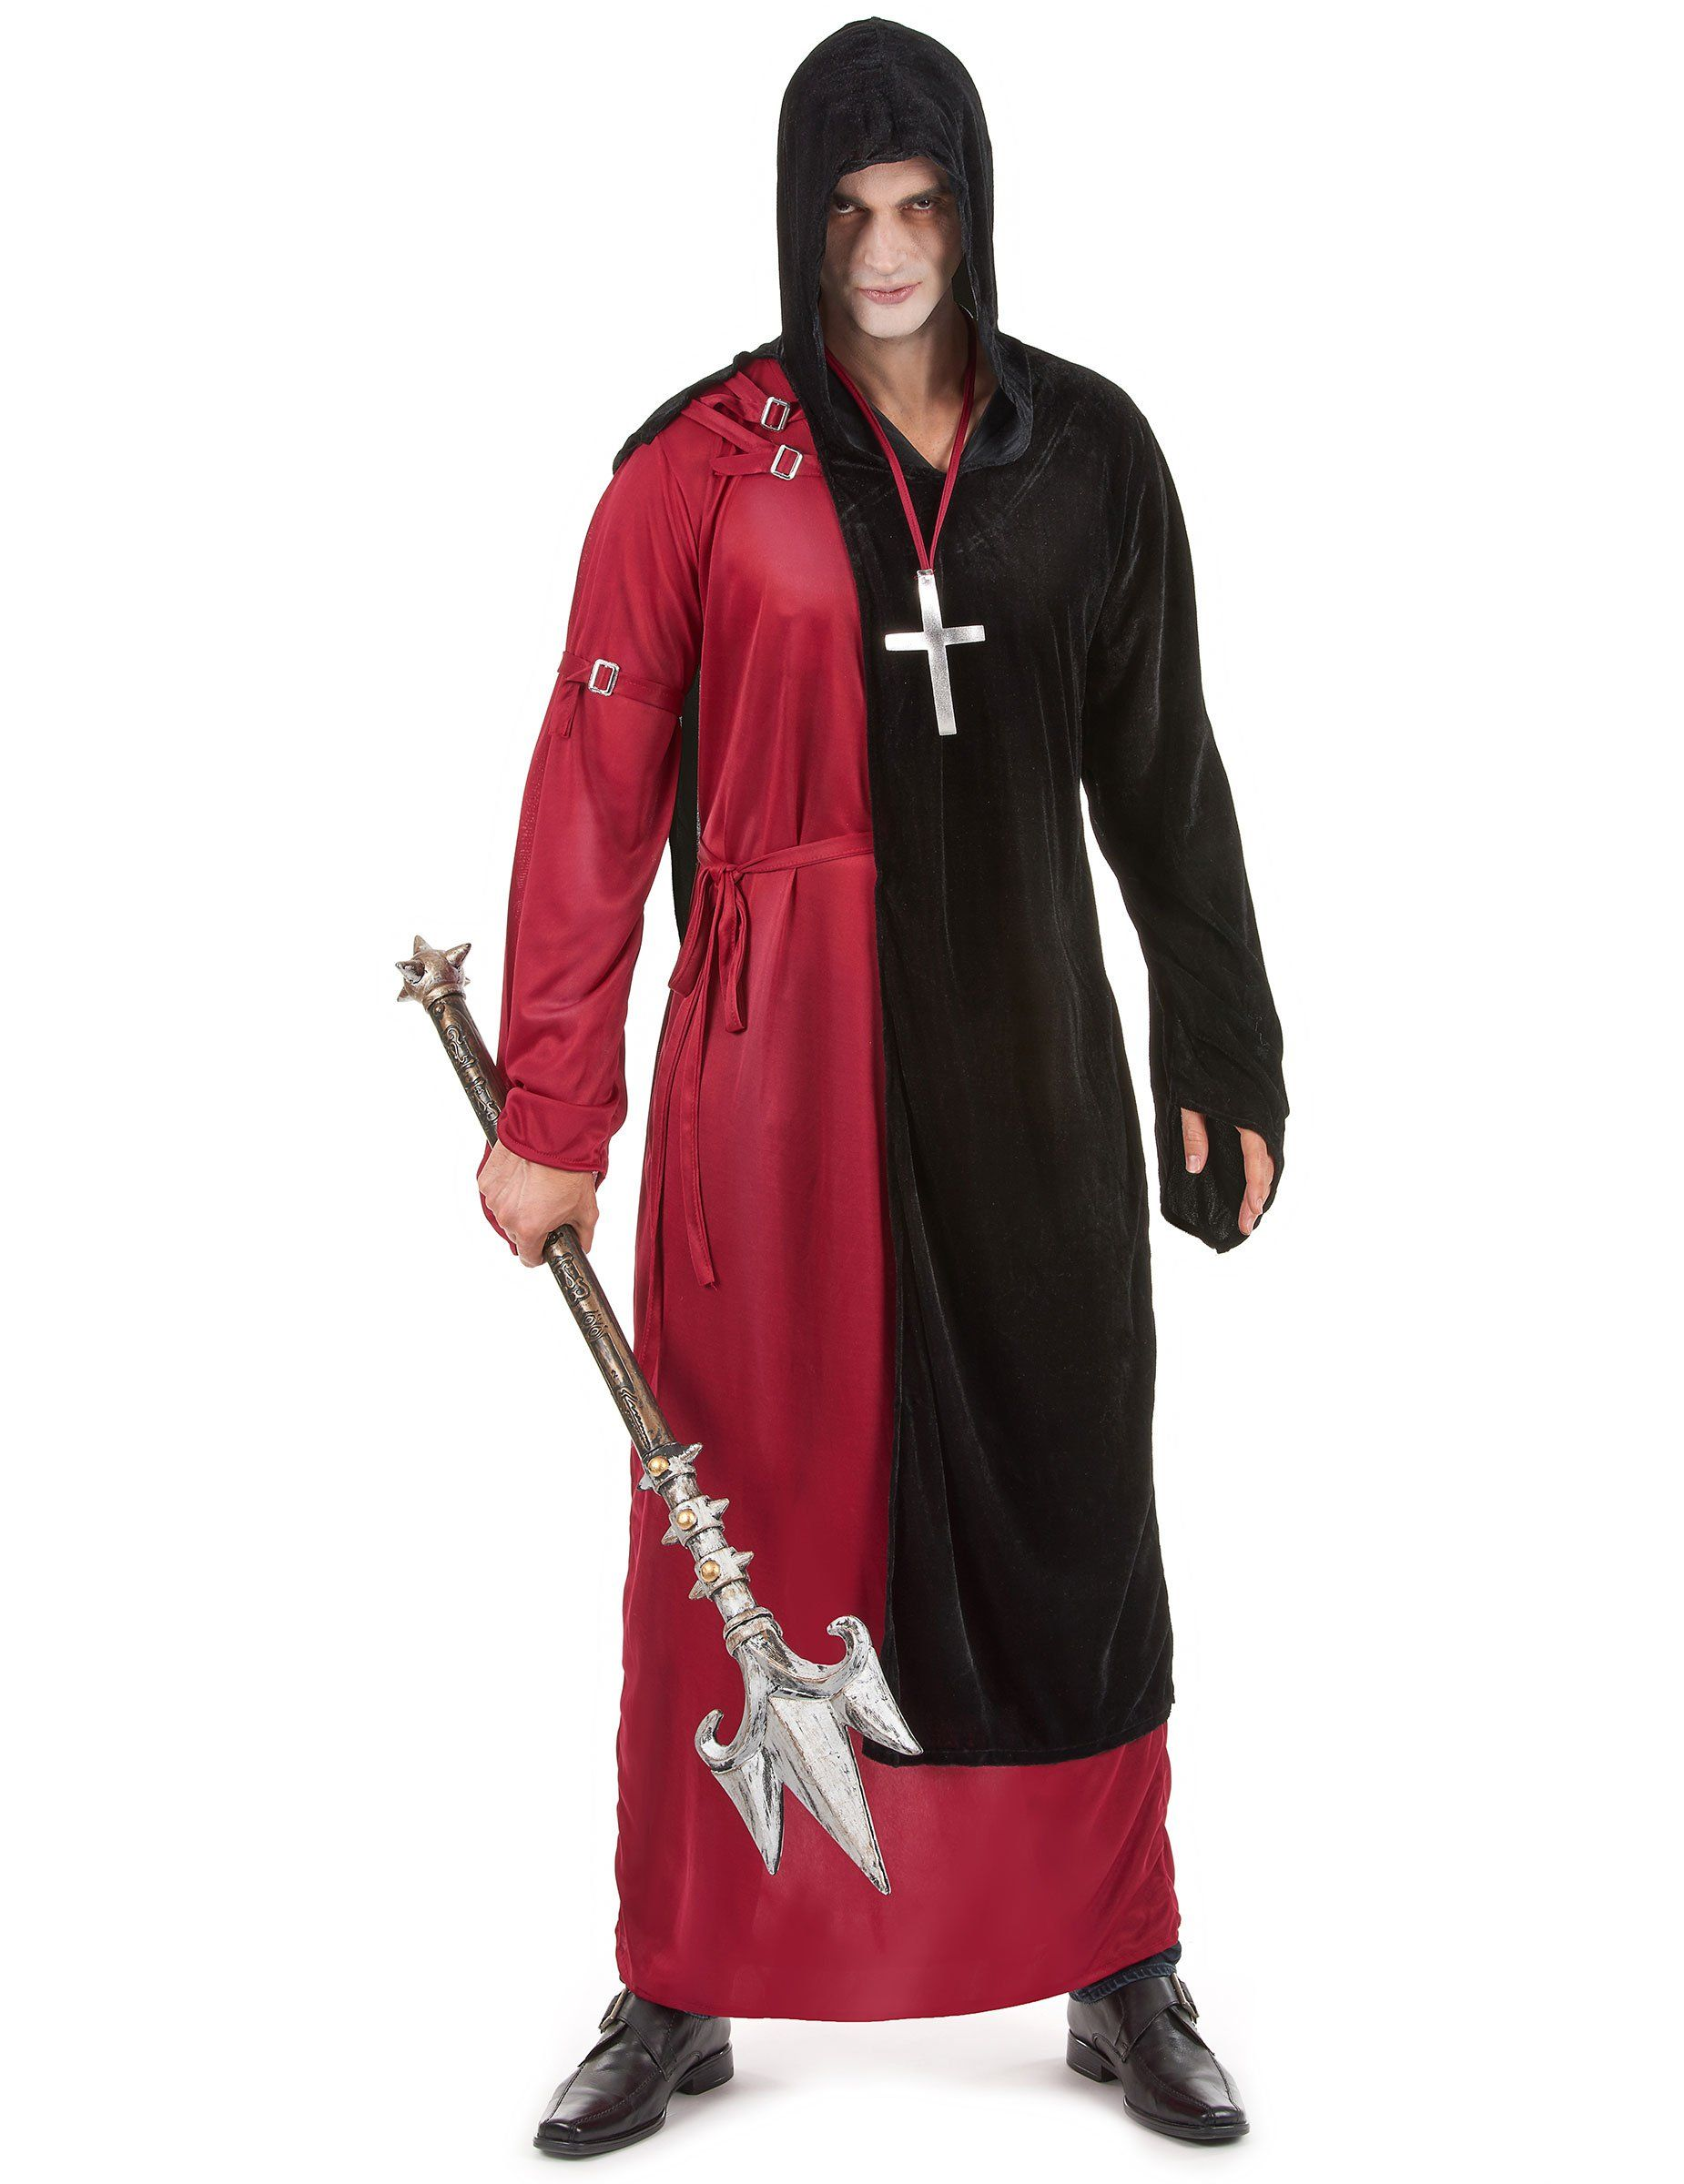 disfraz de monje siniestro para hombre ideal para halloween este disfraz de monje siniestro